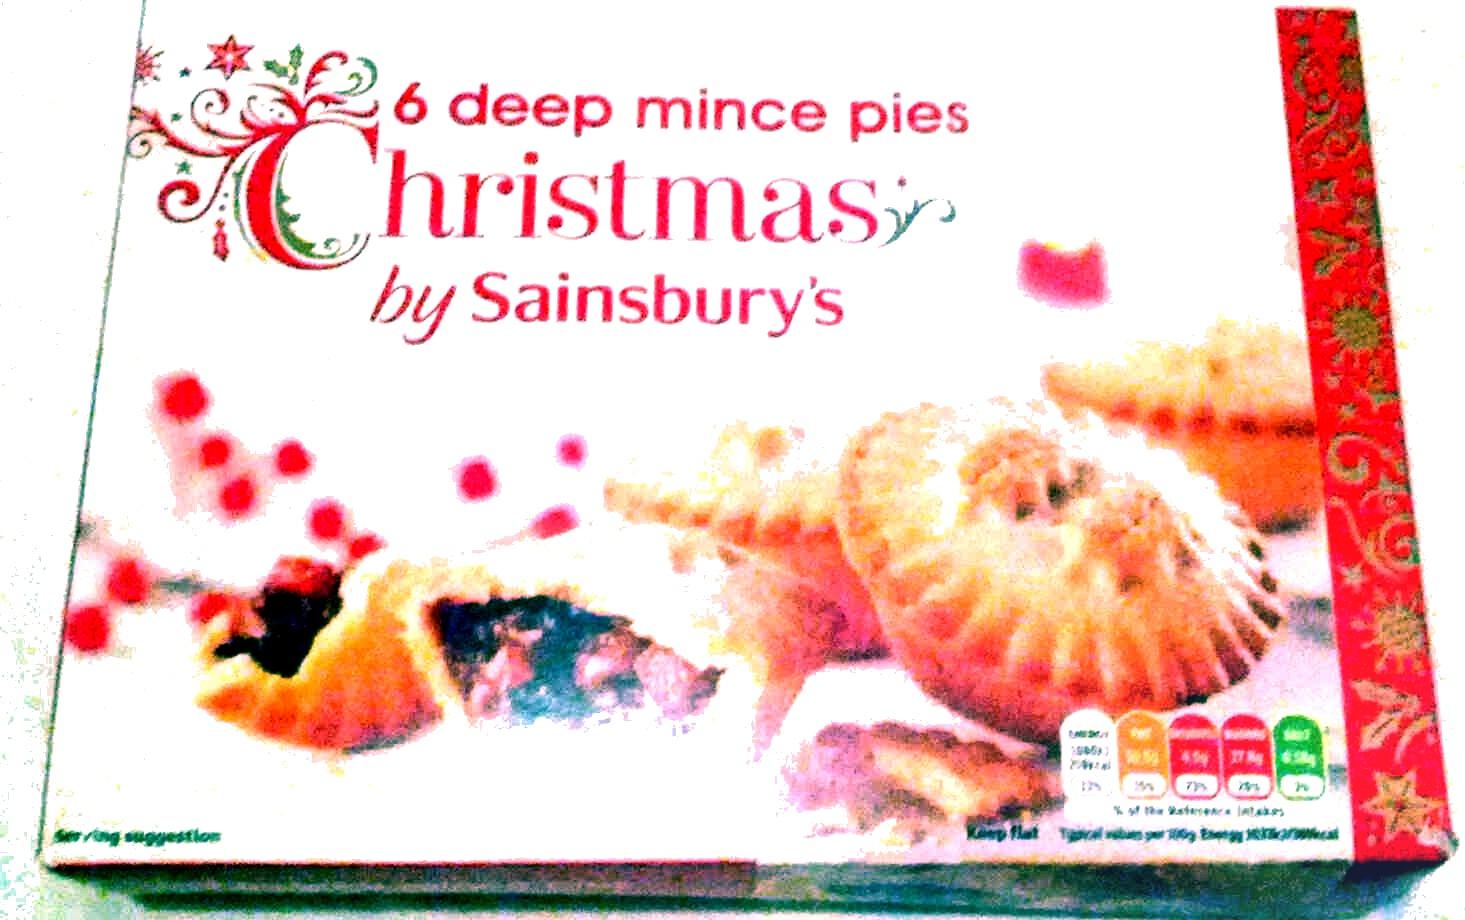 6 Christmas deep mince pies - Produit - en